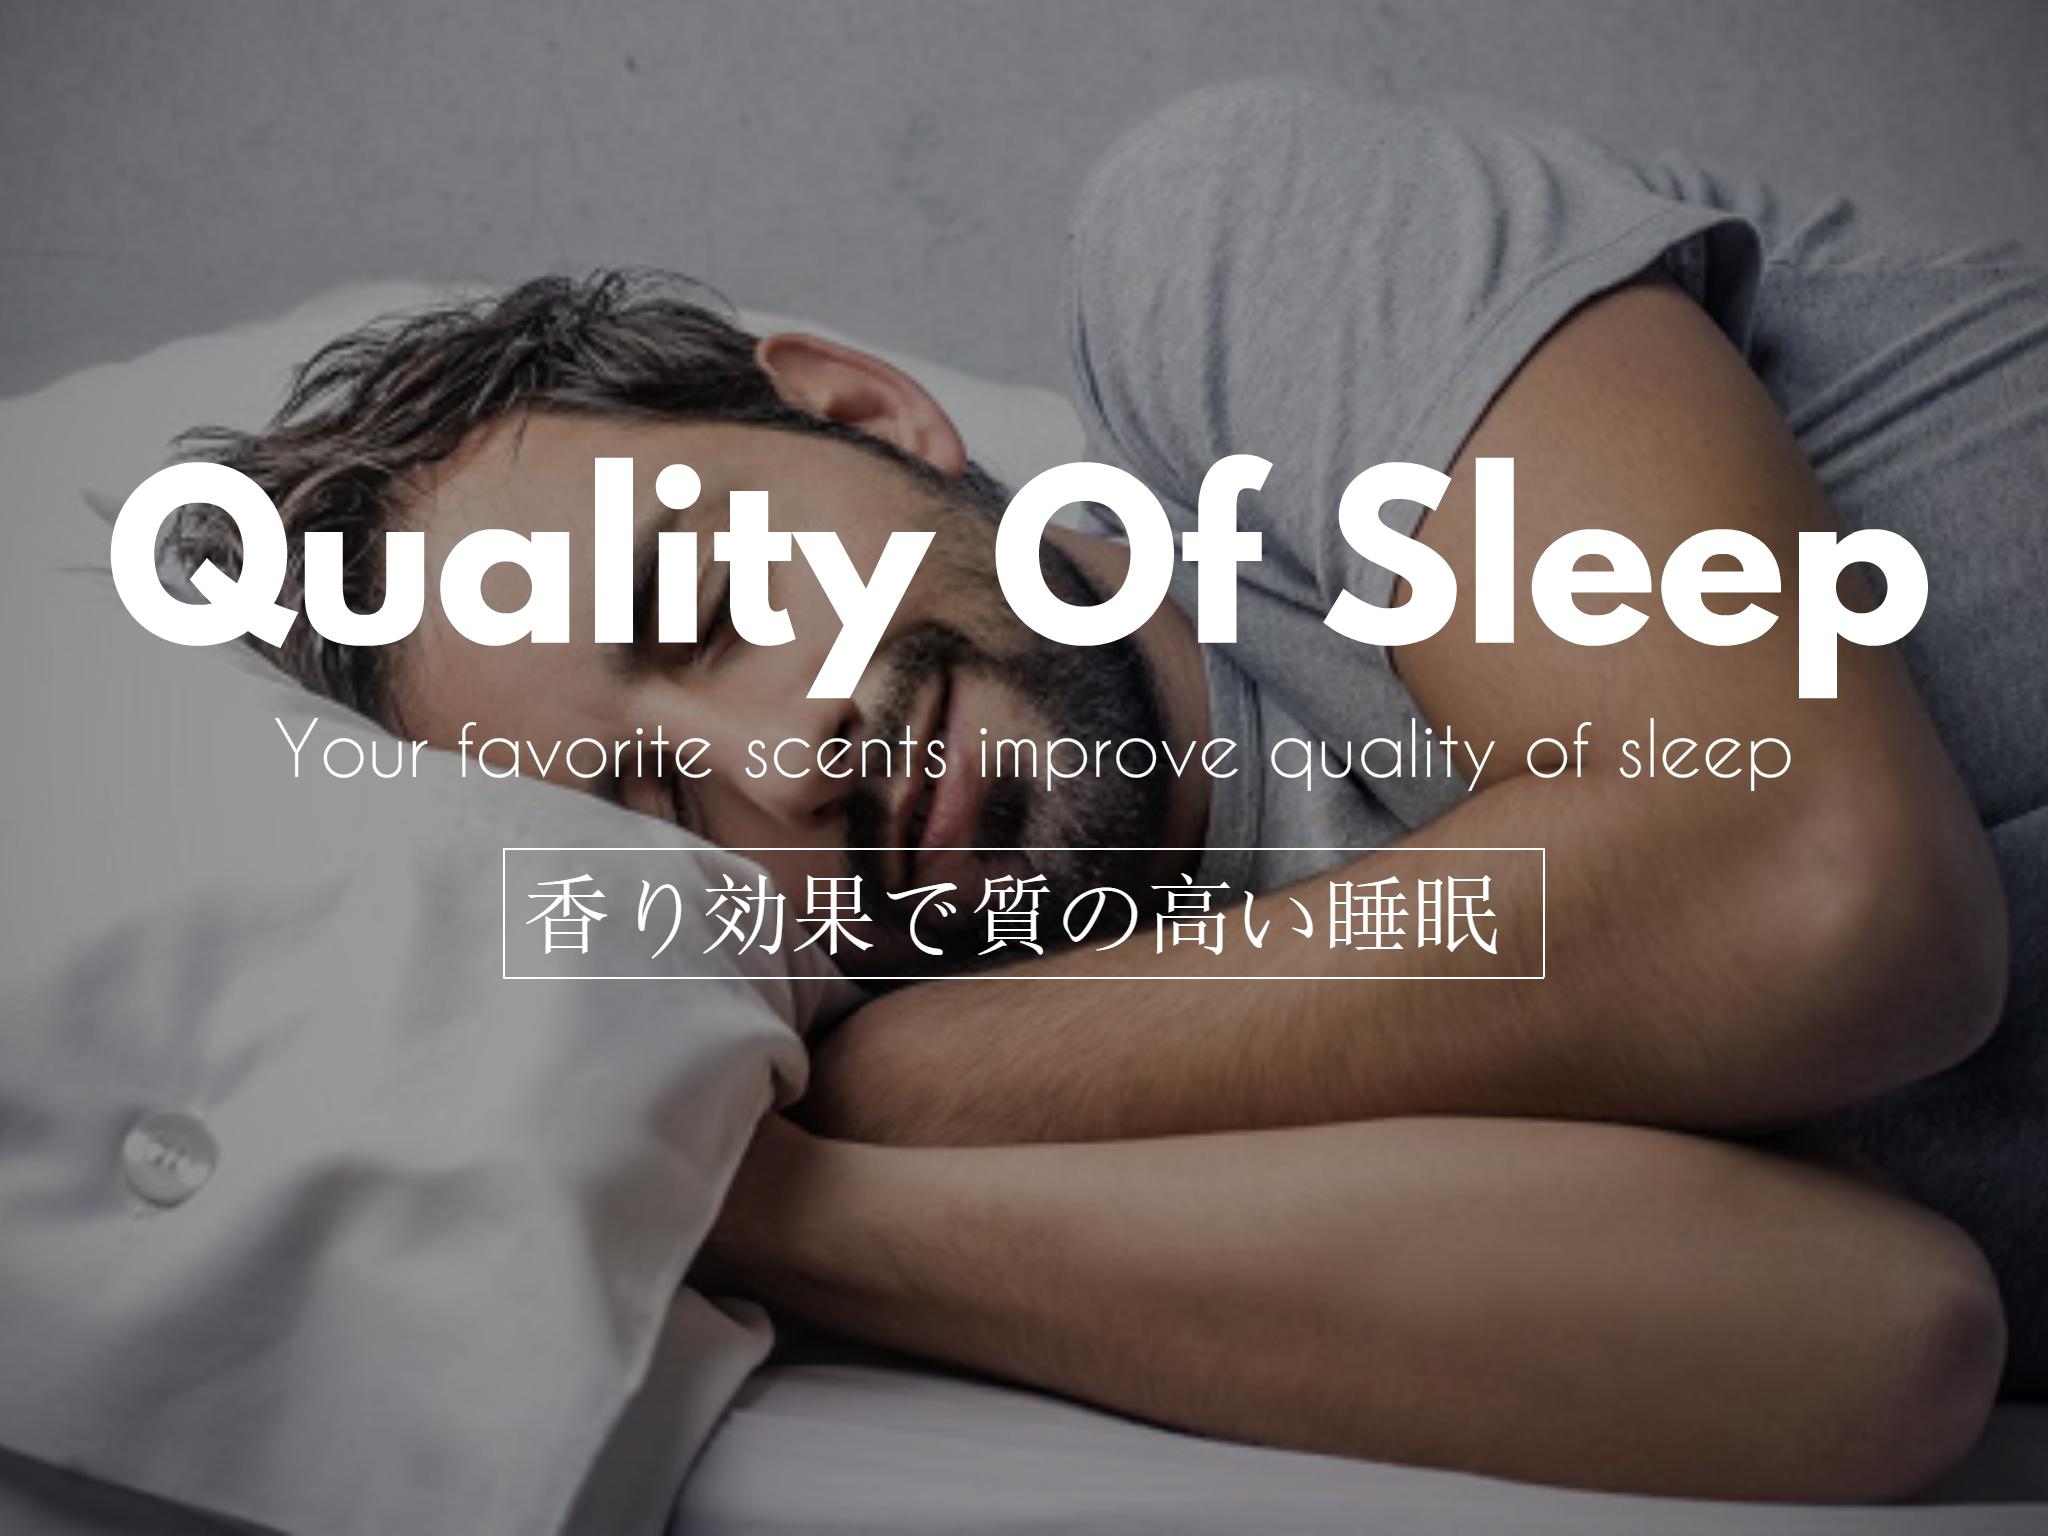 質の高い睡眠イメージ